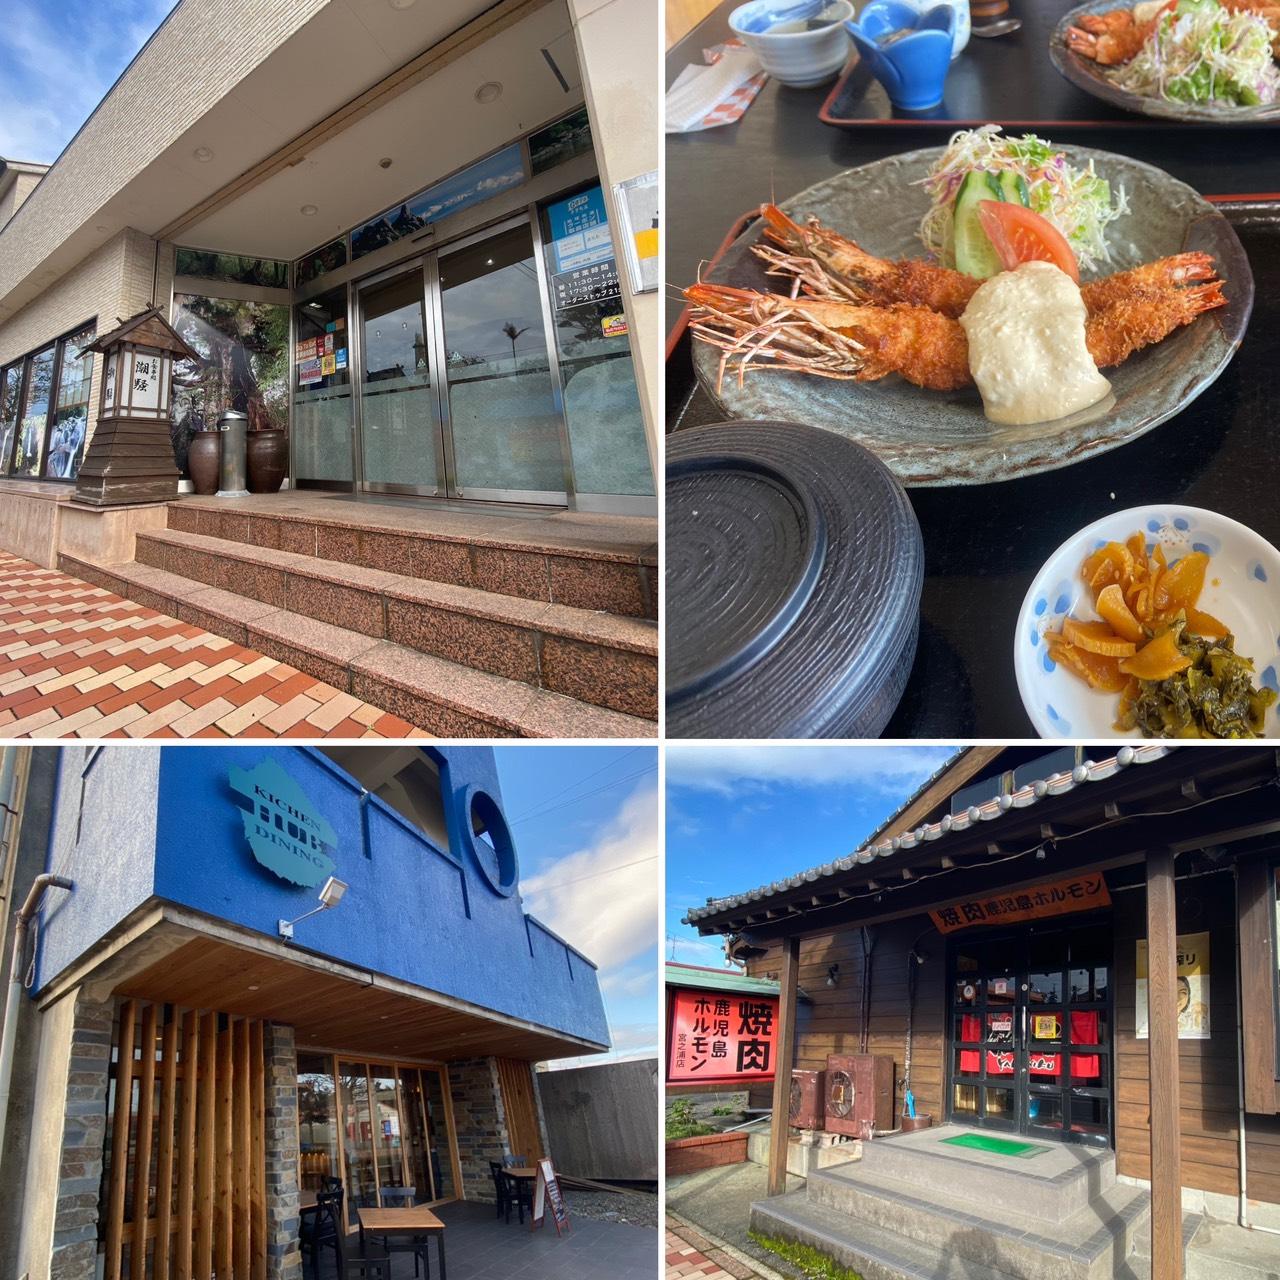 ジャパンハート 離島 看護師 屋久島飲食店